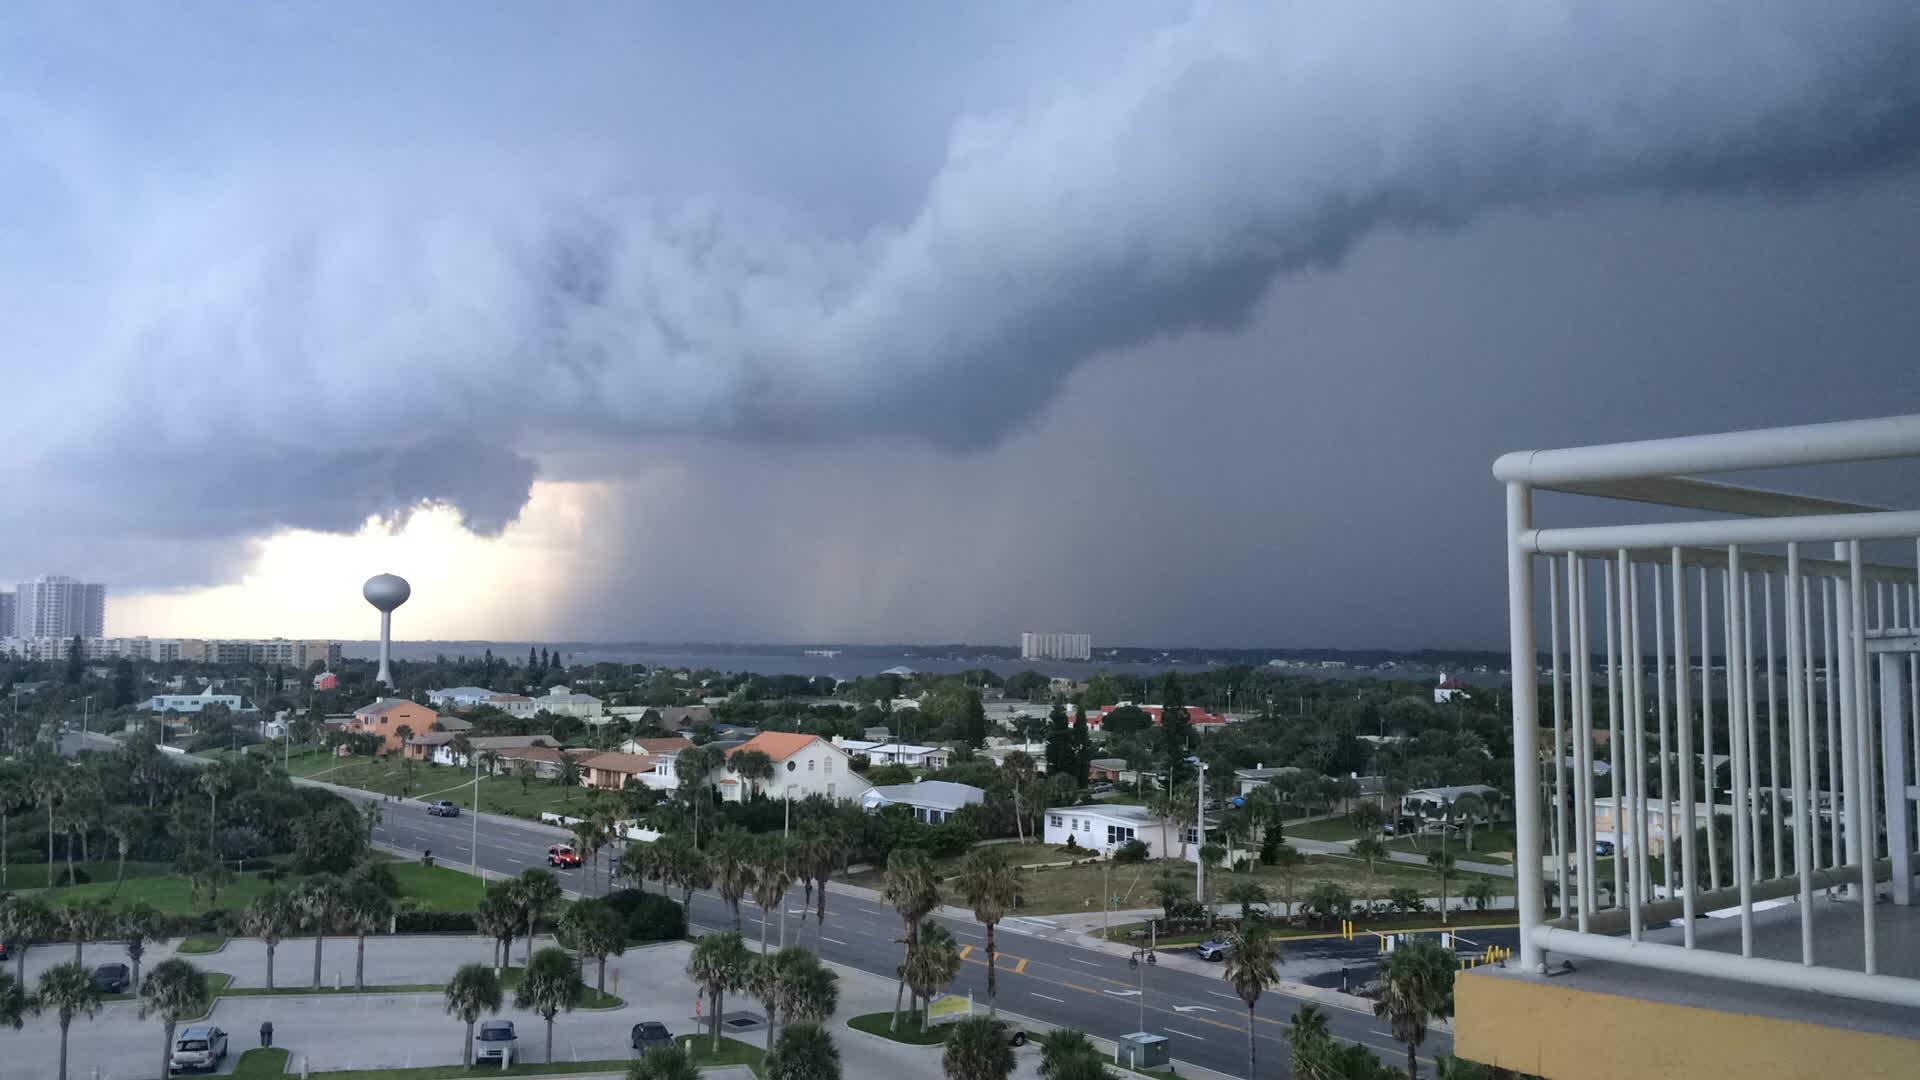 WeatherGifs, weathergifs, Thunderstorm Daytona Beach, FL GIFs